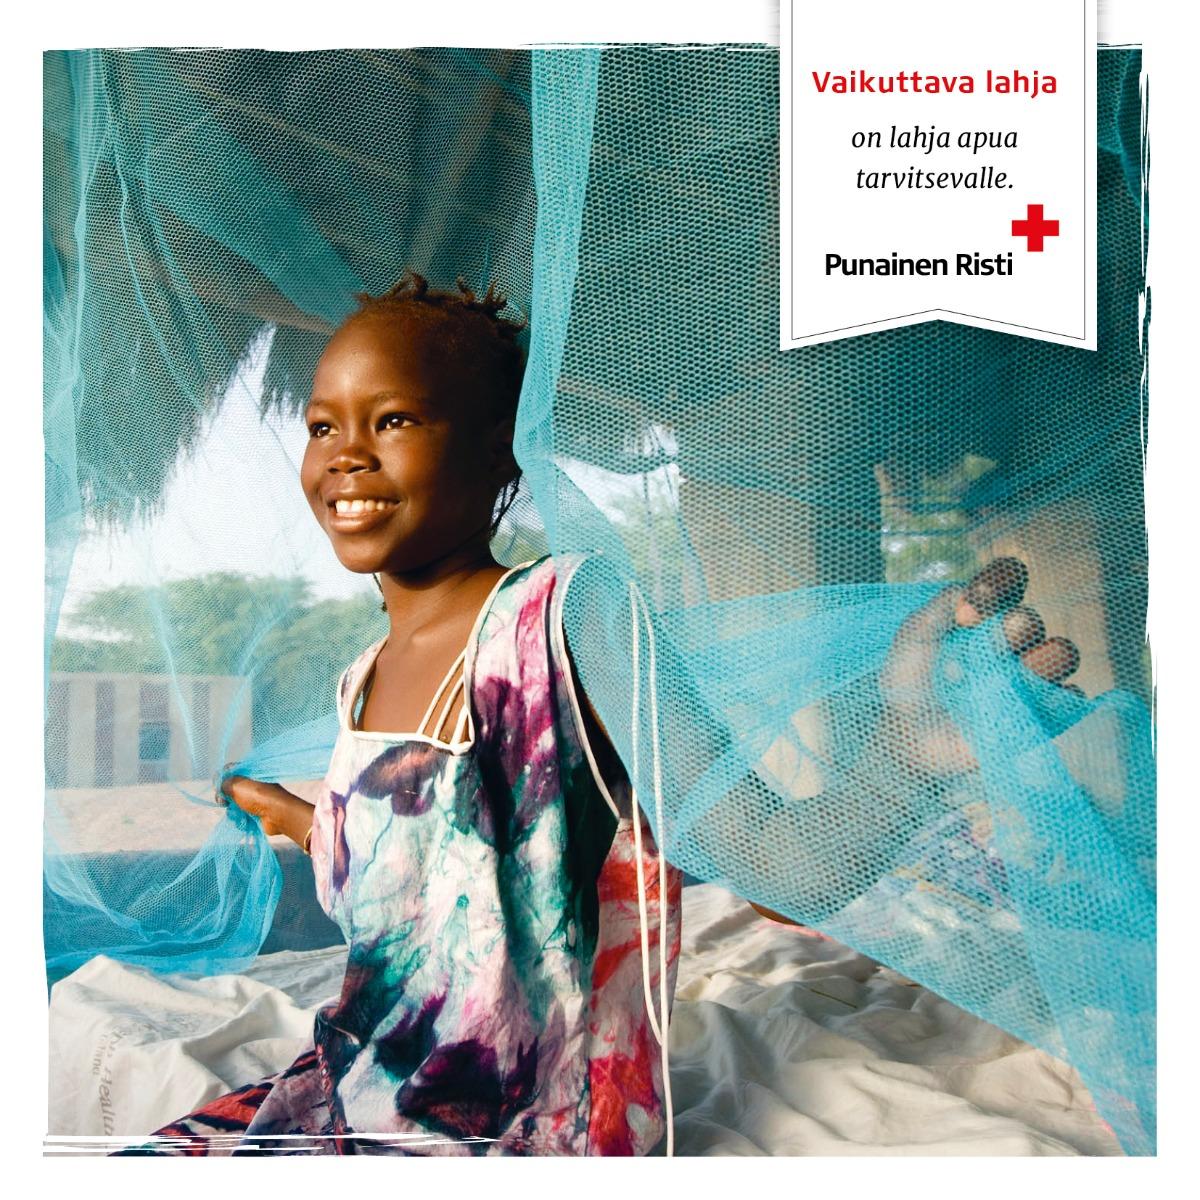 Malariasuoja perheelle, 15 €/kpl